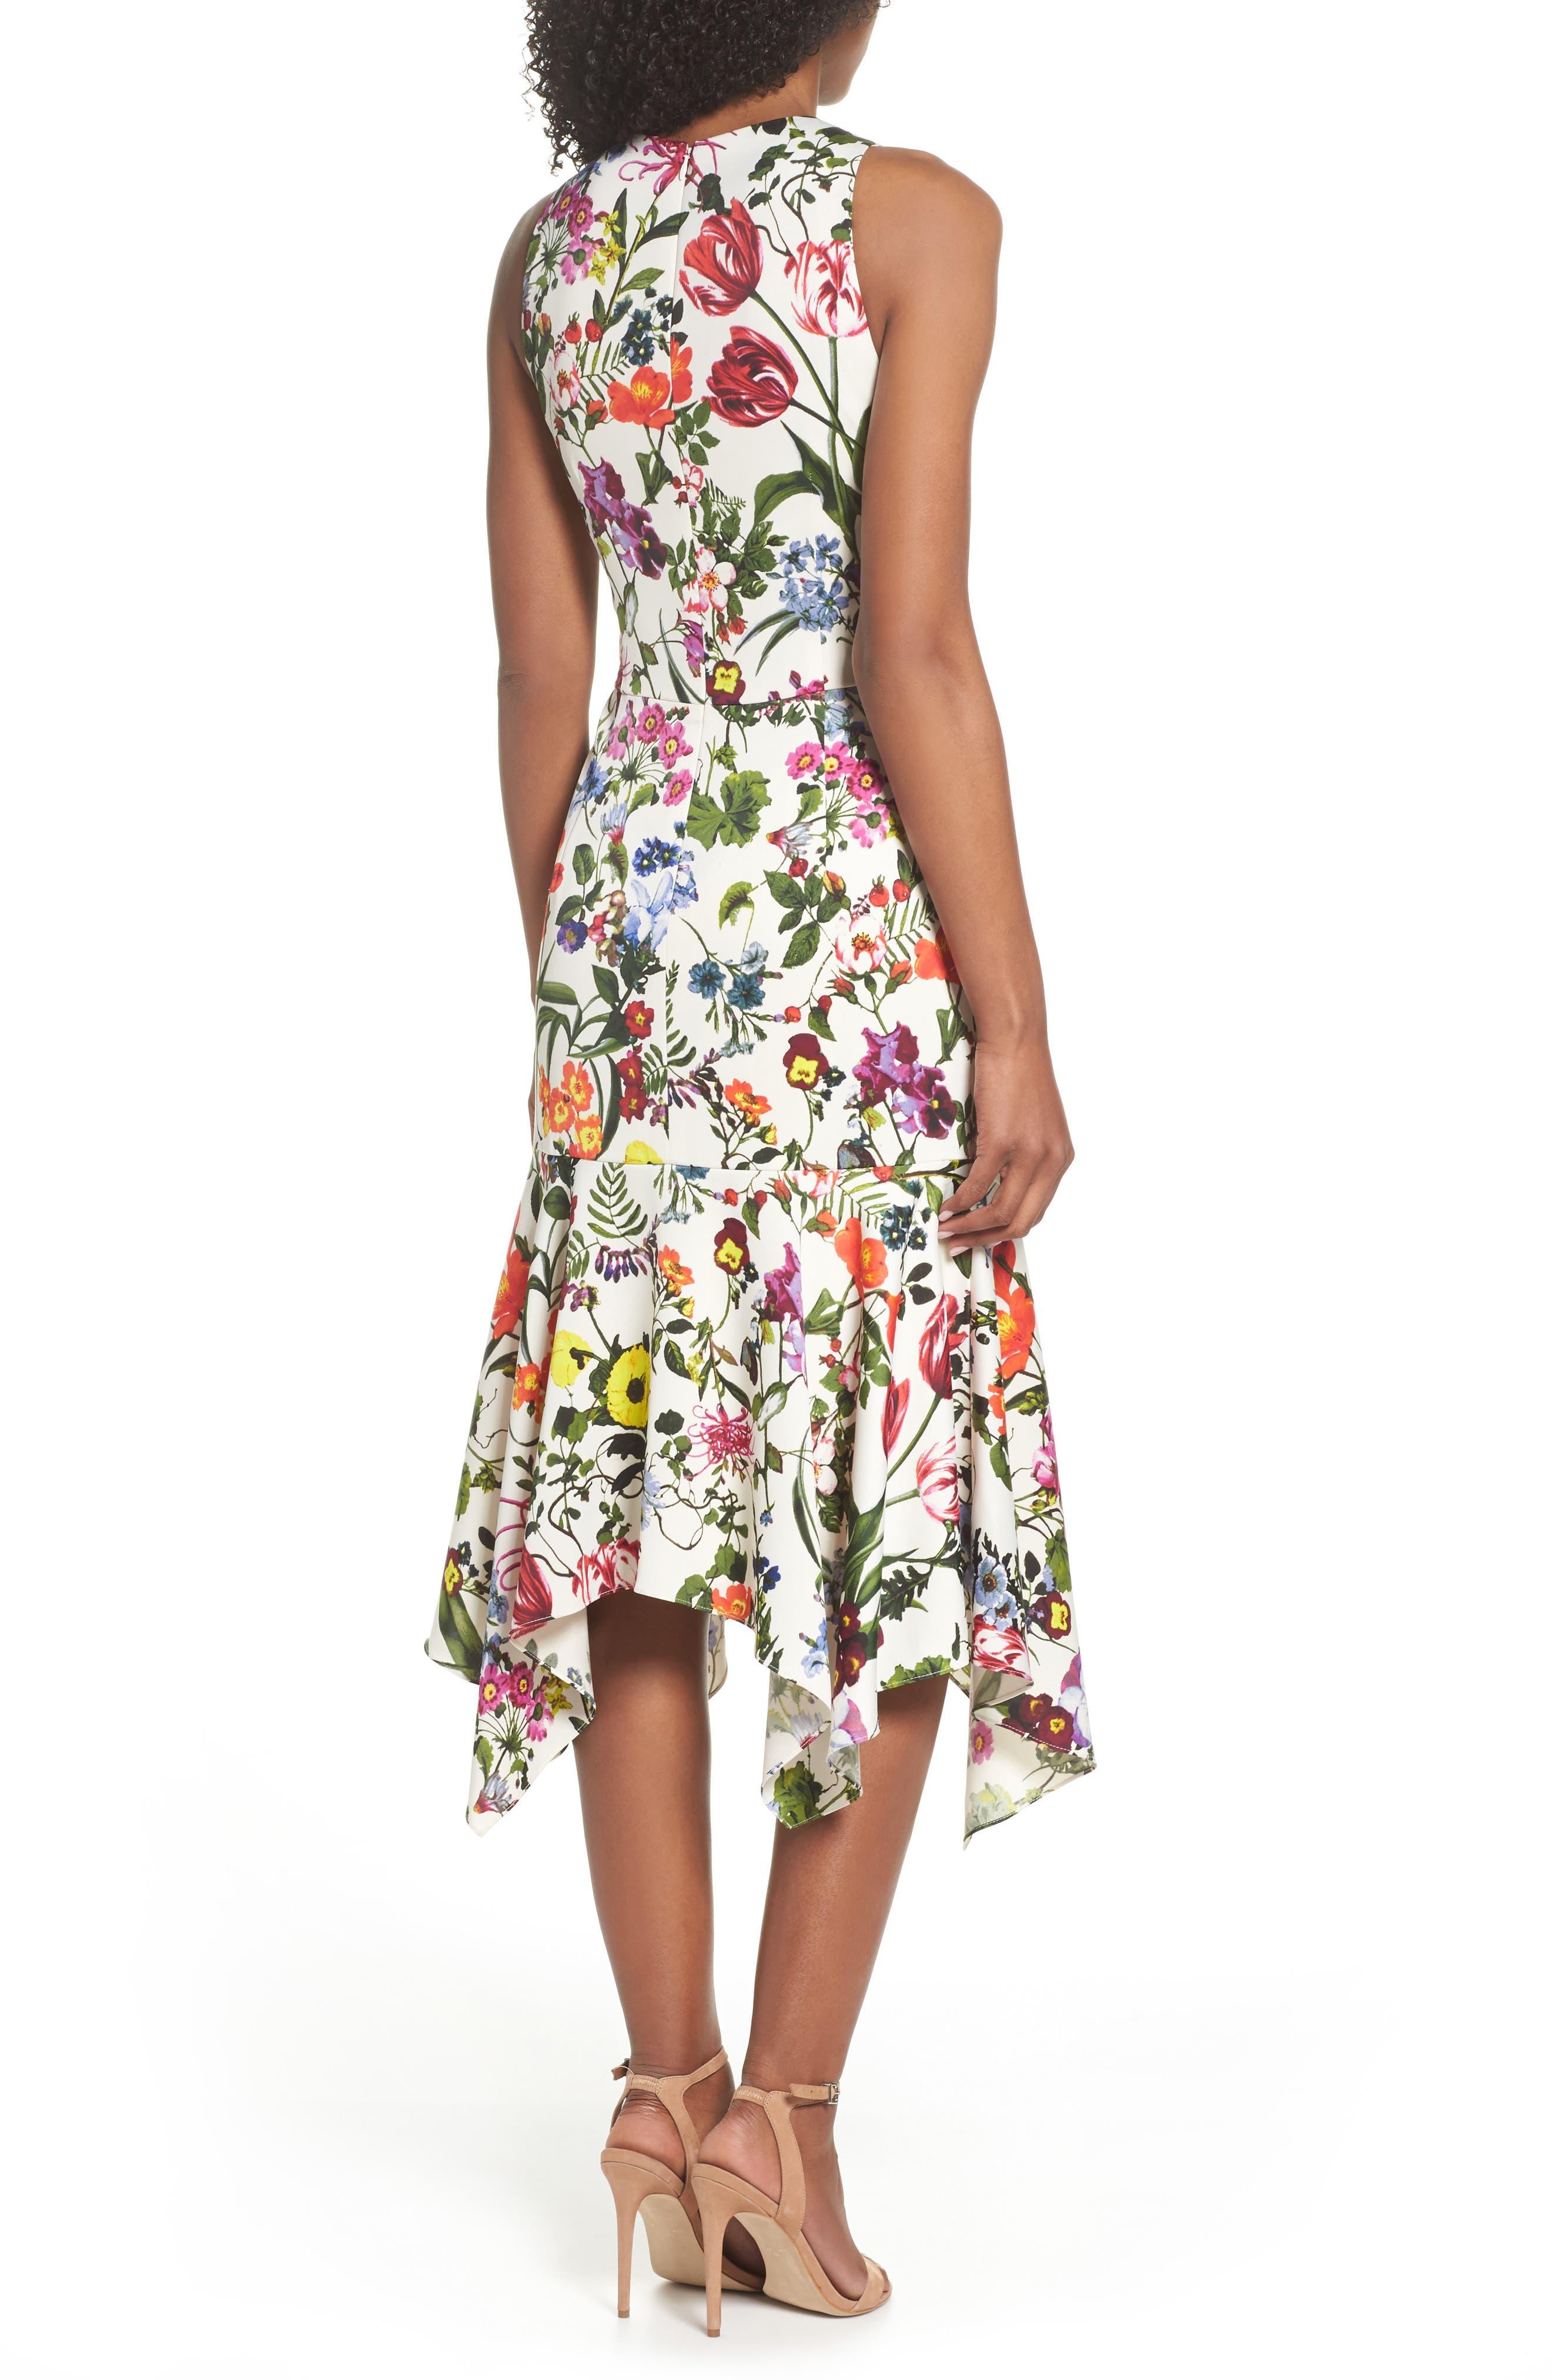 Botanical Print Charmeuse Midi Dress,                             Alternate thumbnail 2, color,                             Soft White/ Multi